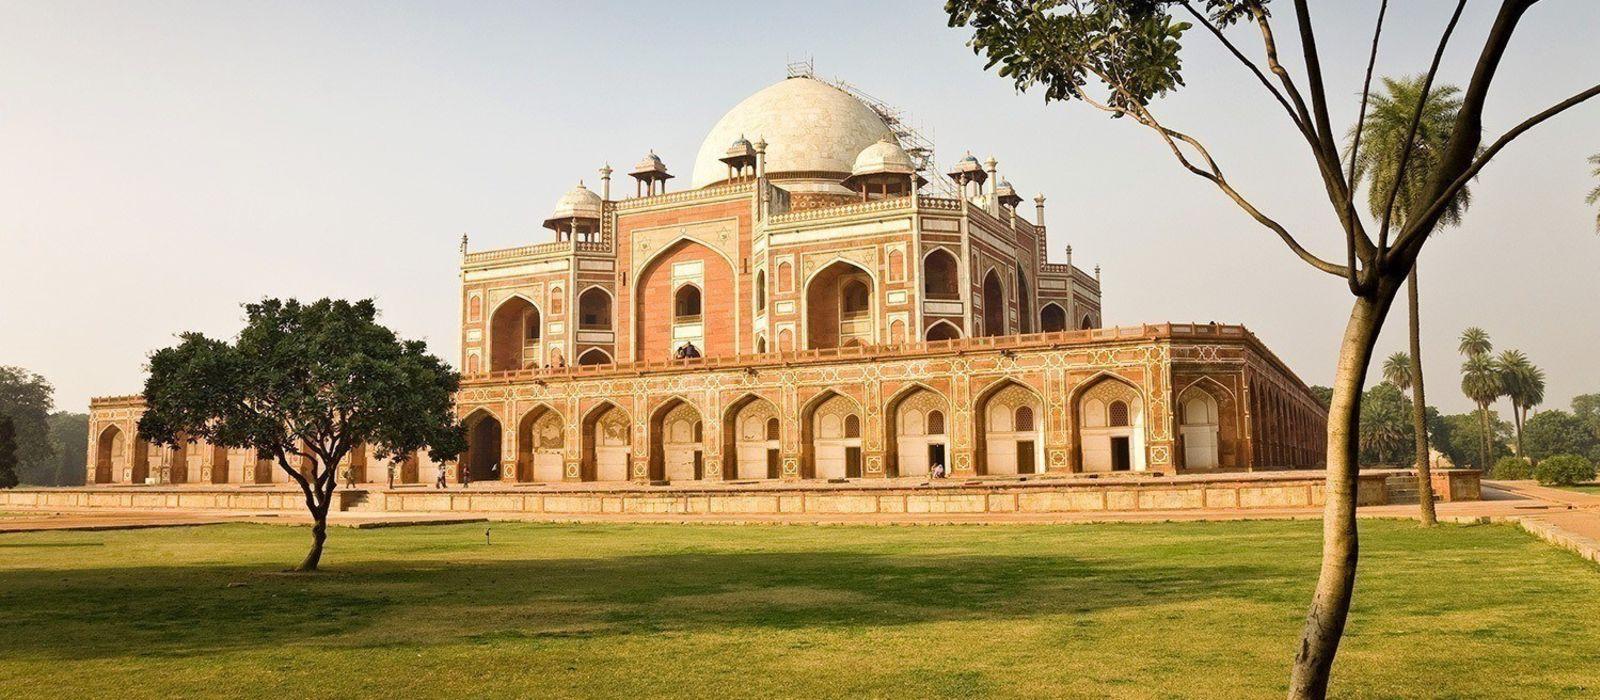 Trident Exklusiv: Kulturelle Höhepunkte Nordindiens Urlaub 5